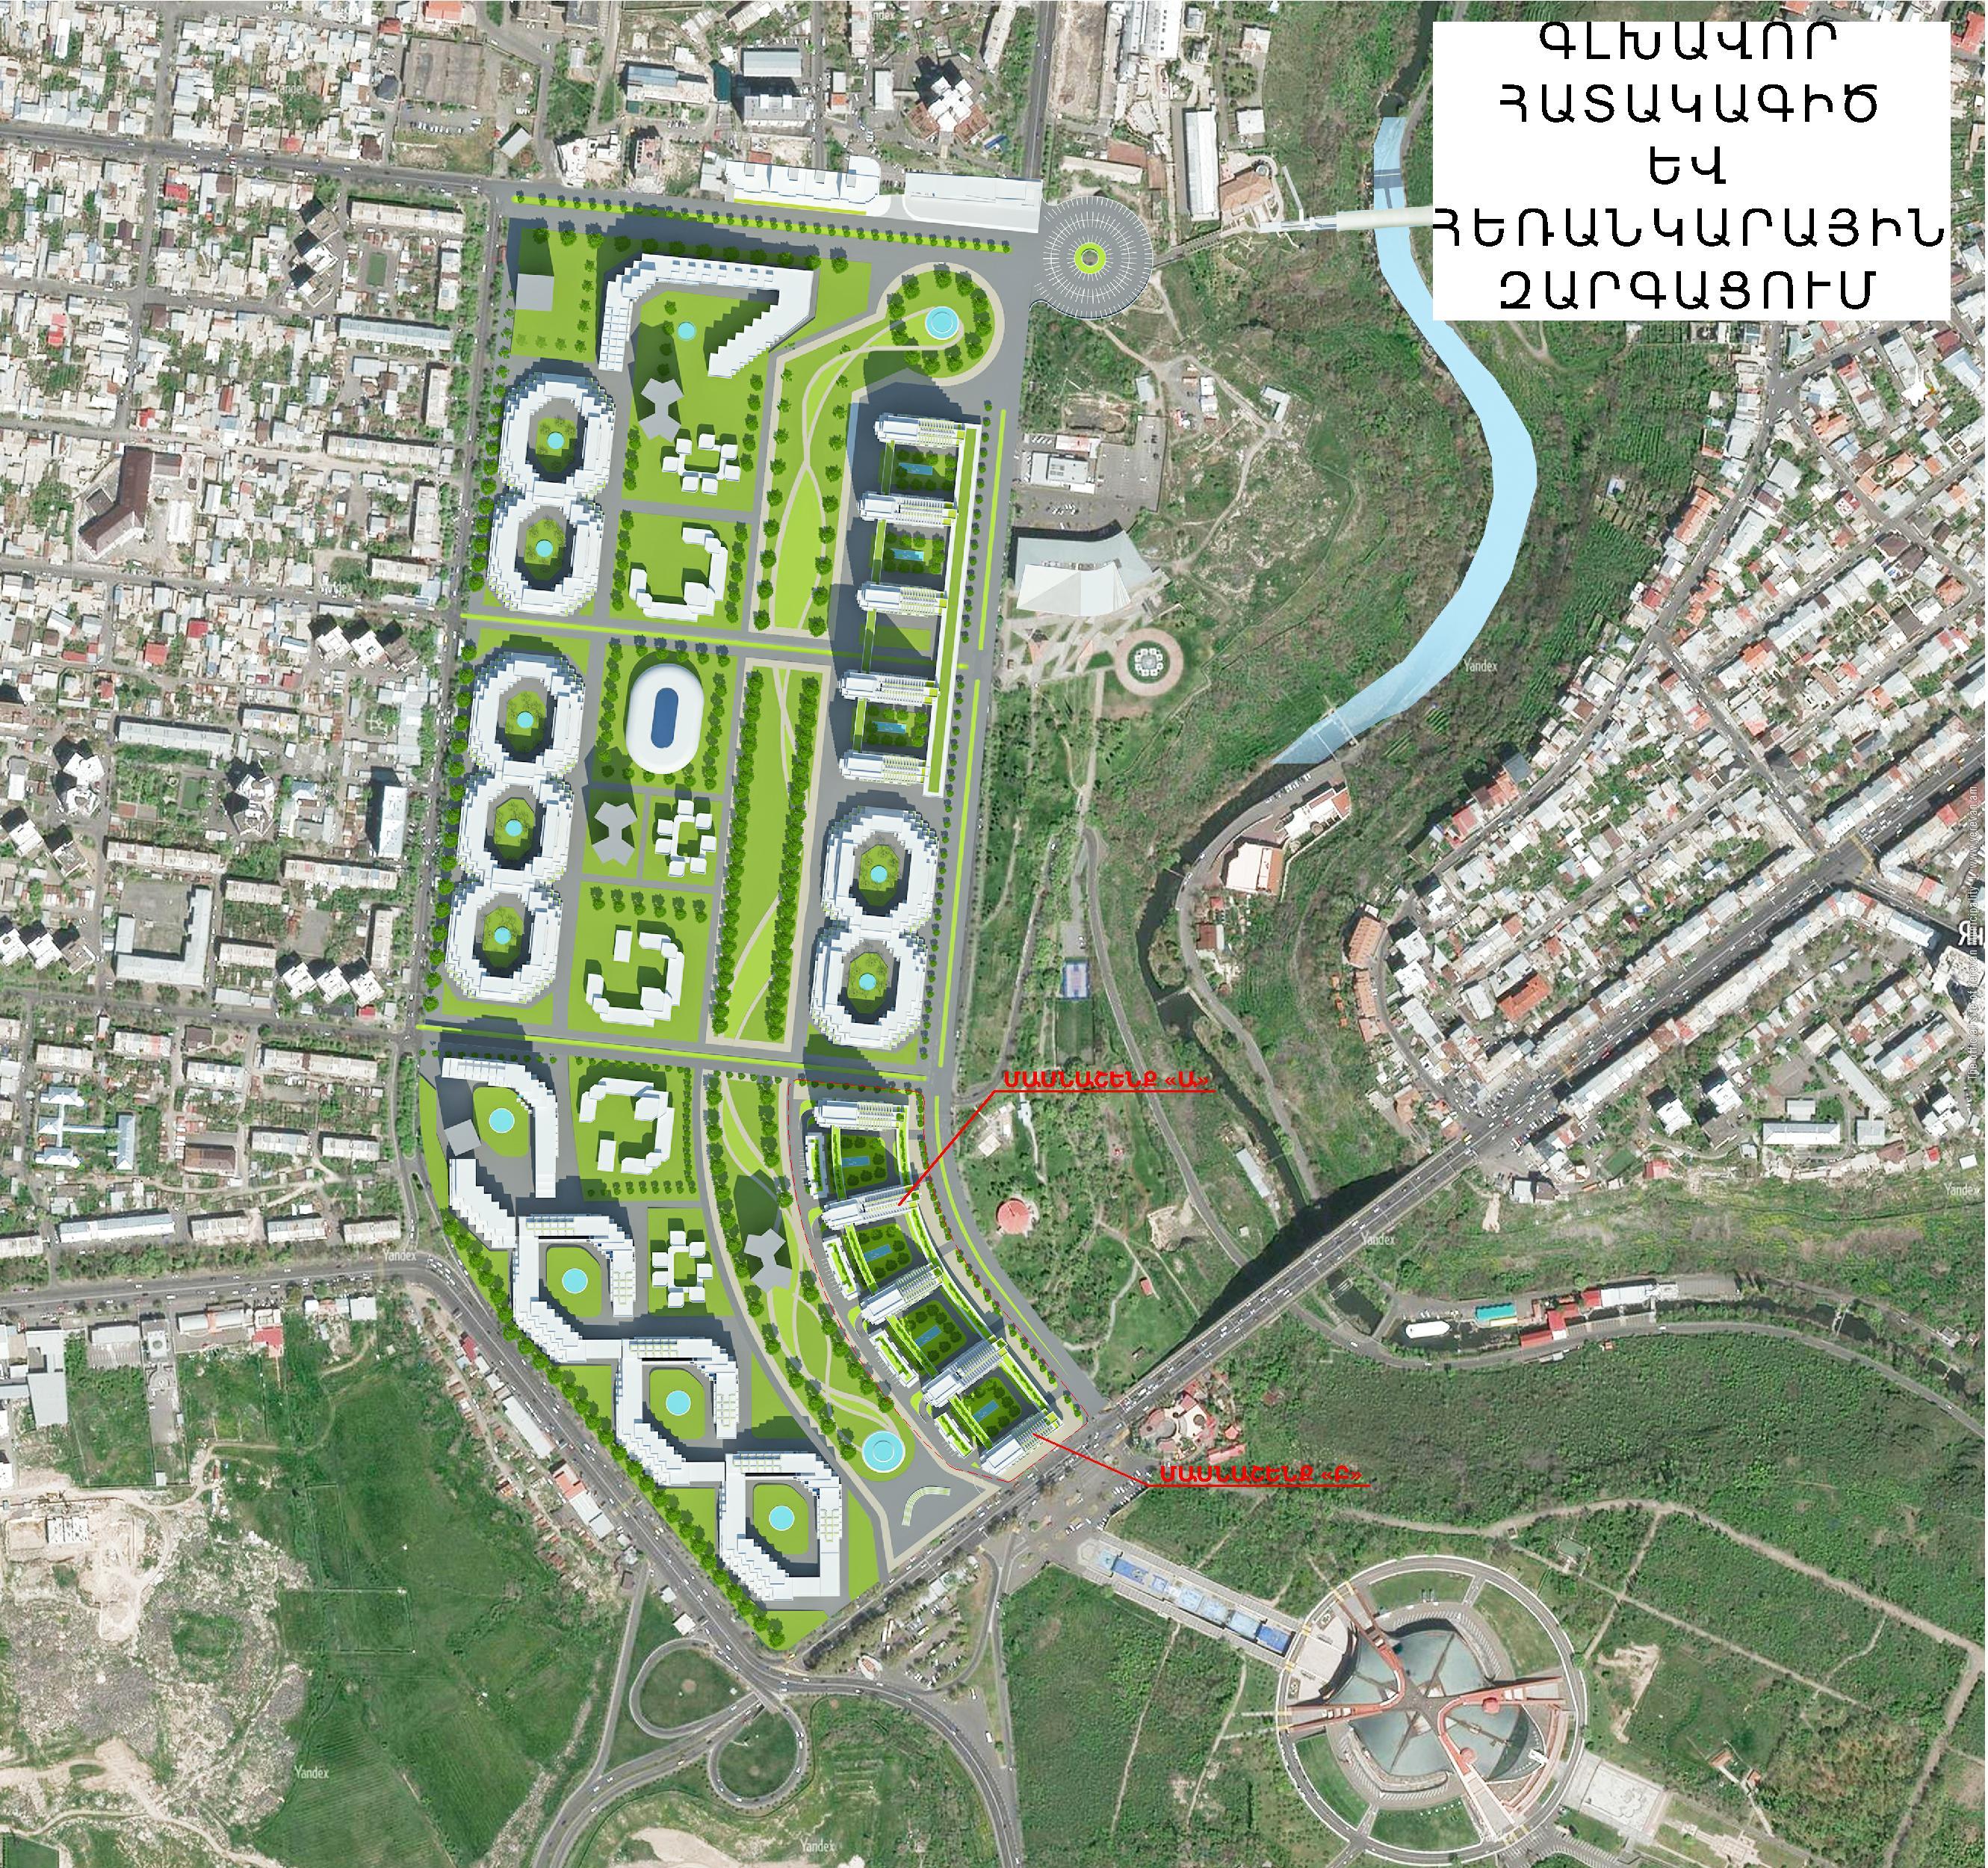 Հայկ Մարությանին ներկայացվել է Հալաբյանին հարակից բնակելի համալիրի կառուցման առաջարկը